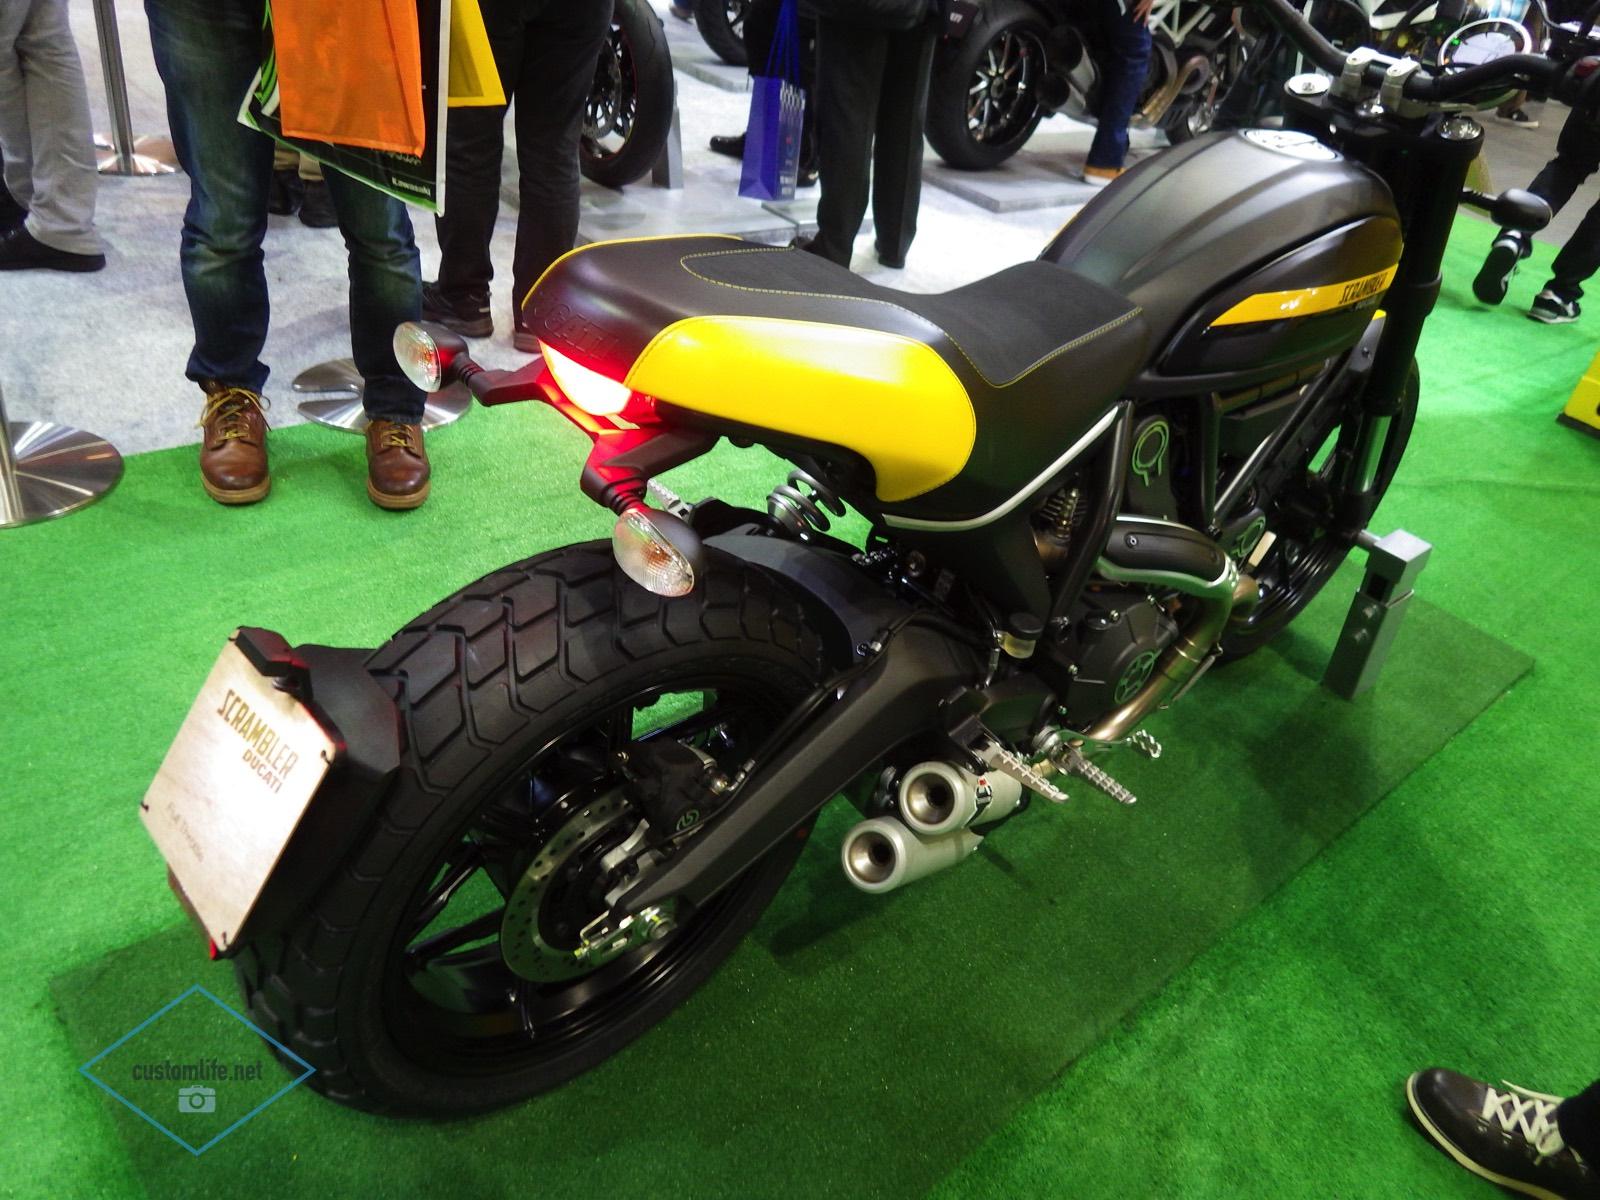 MotorcycleShow 2015 Osaka 15